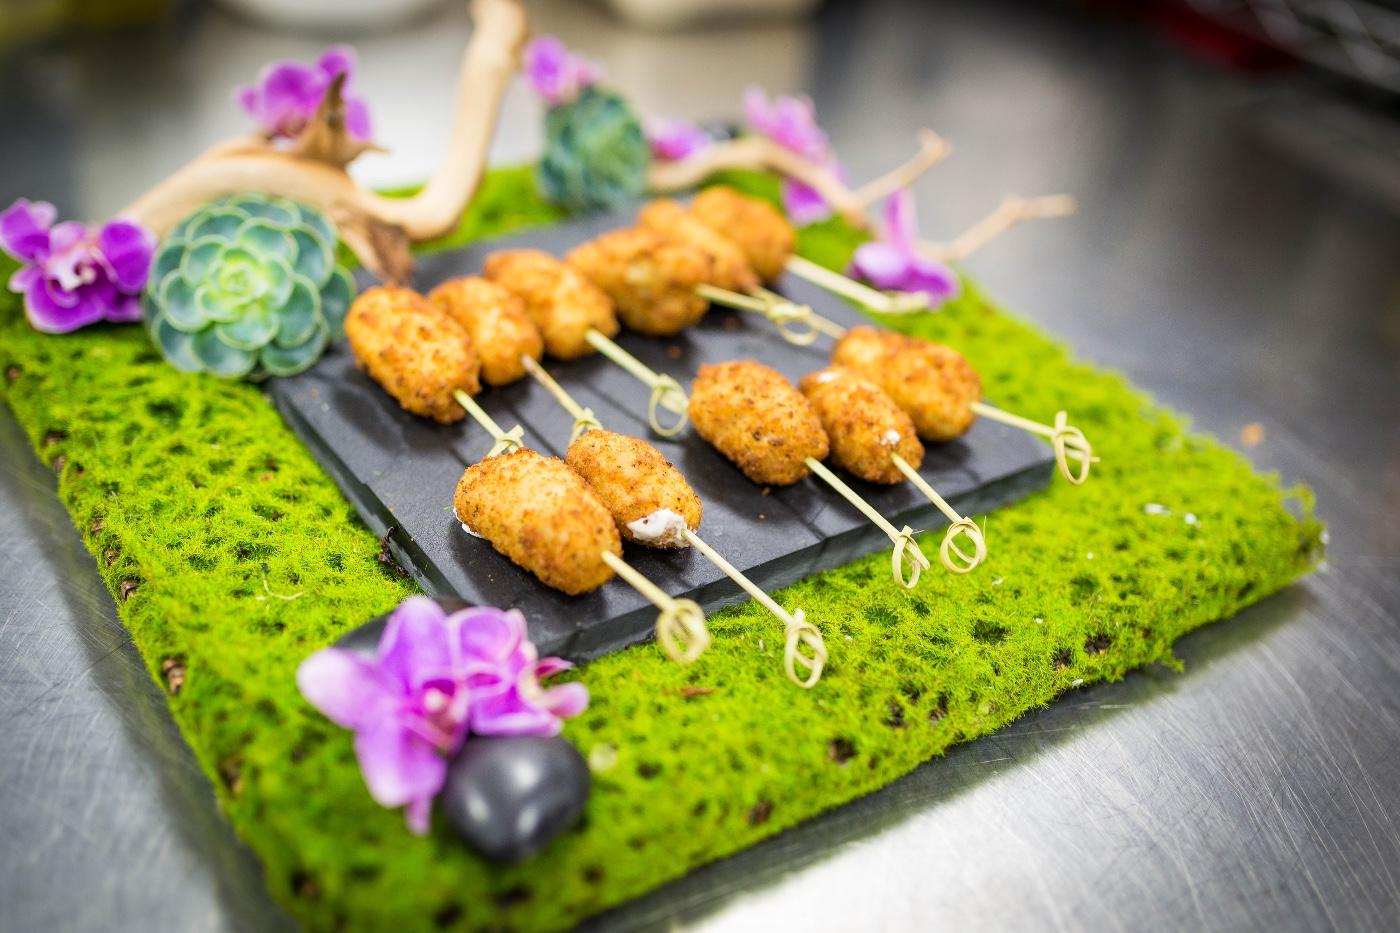 La bonne cuisine full service caterer serving entire bay for La bonne cuisine